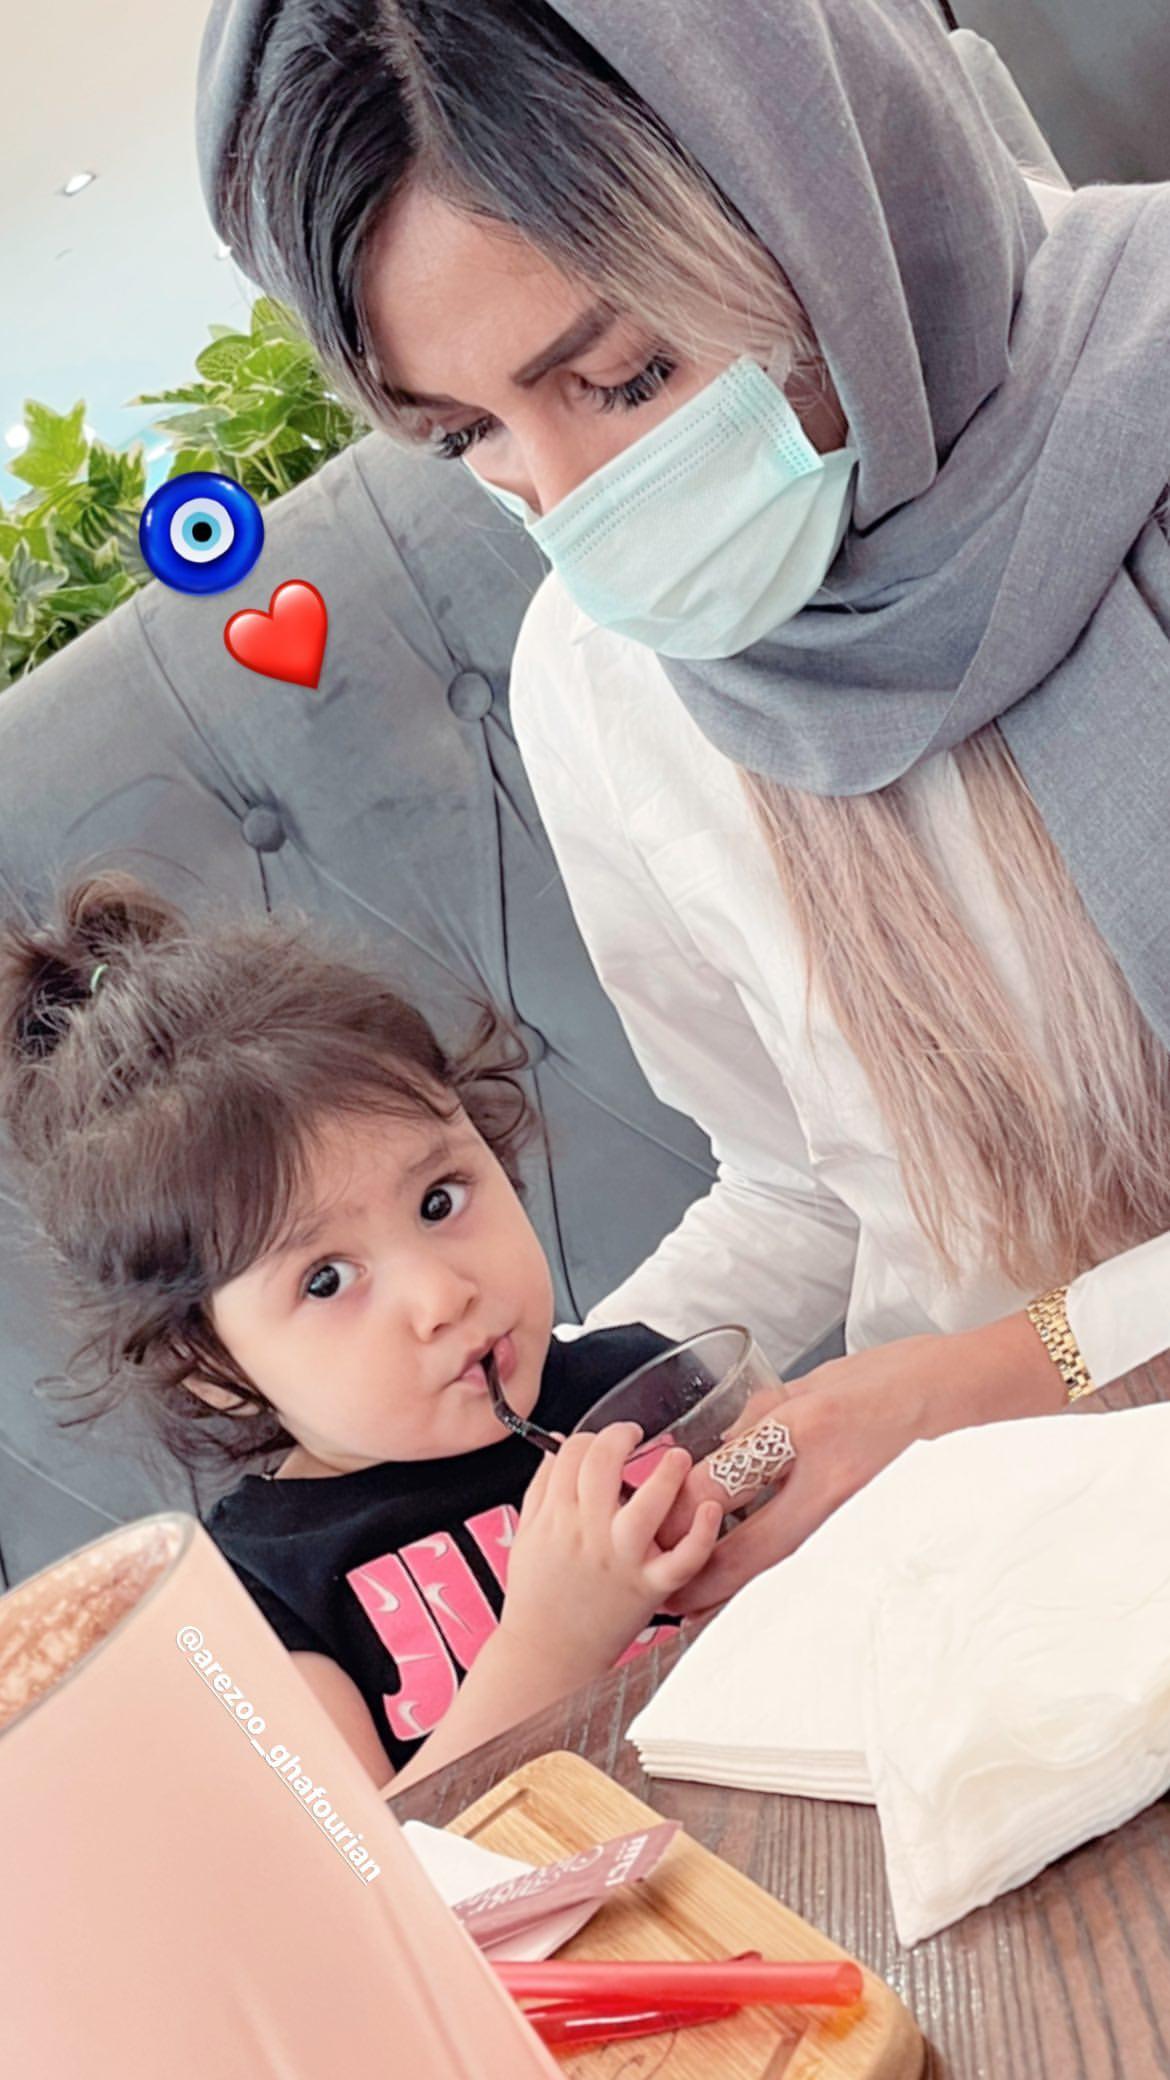 mehranghafourian_official__2609825382600544632_45780174230